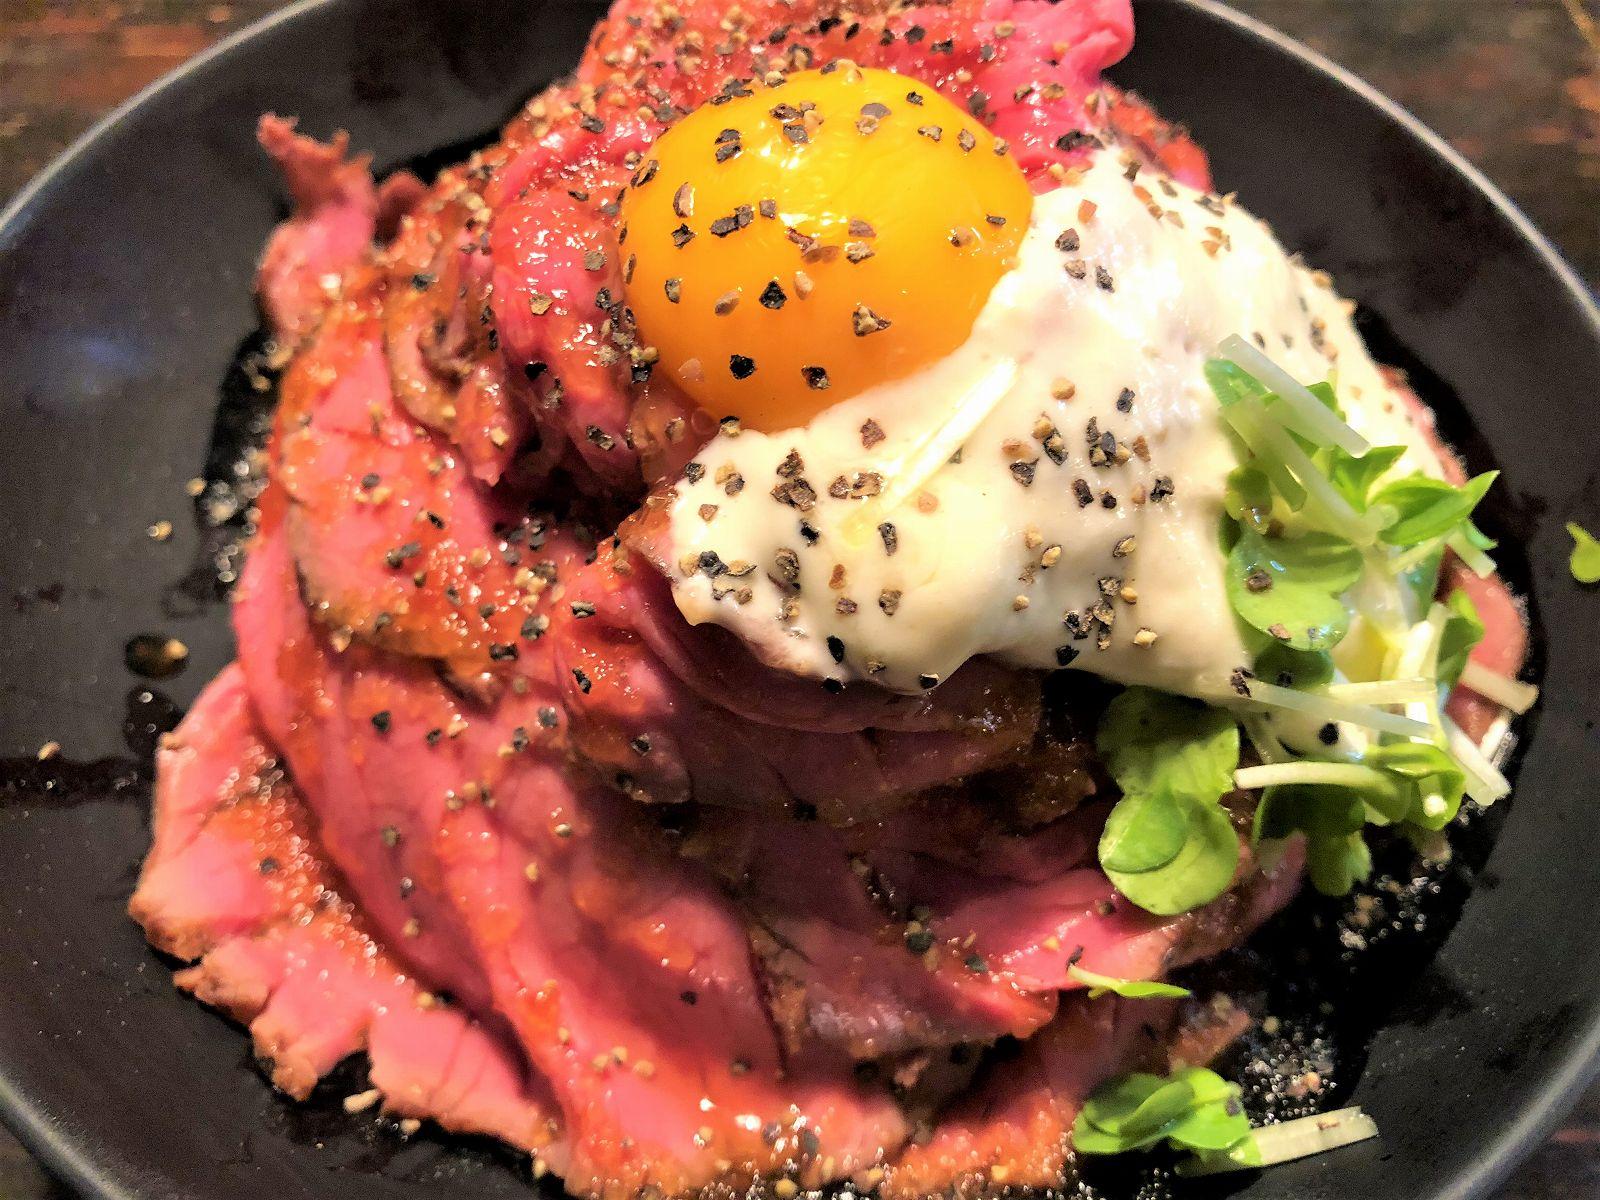 三宮のレッドロック本店で、山盛りの「ローストビーフ丼」を食べてみた! #レッドロック #ローストビーフ丼 #肉 #神戸グルメ